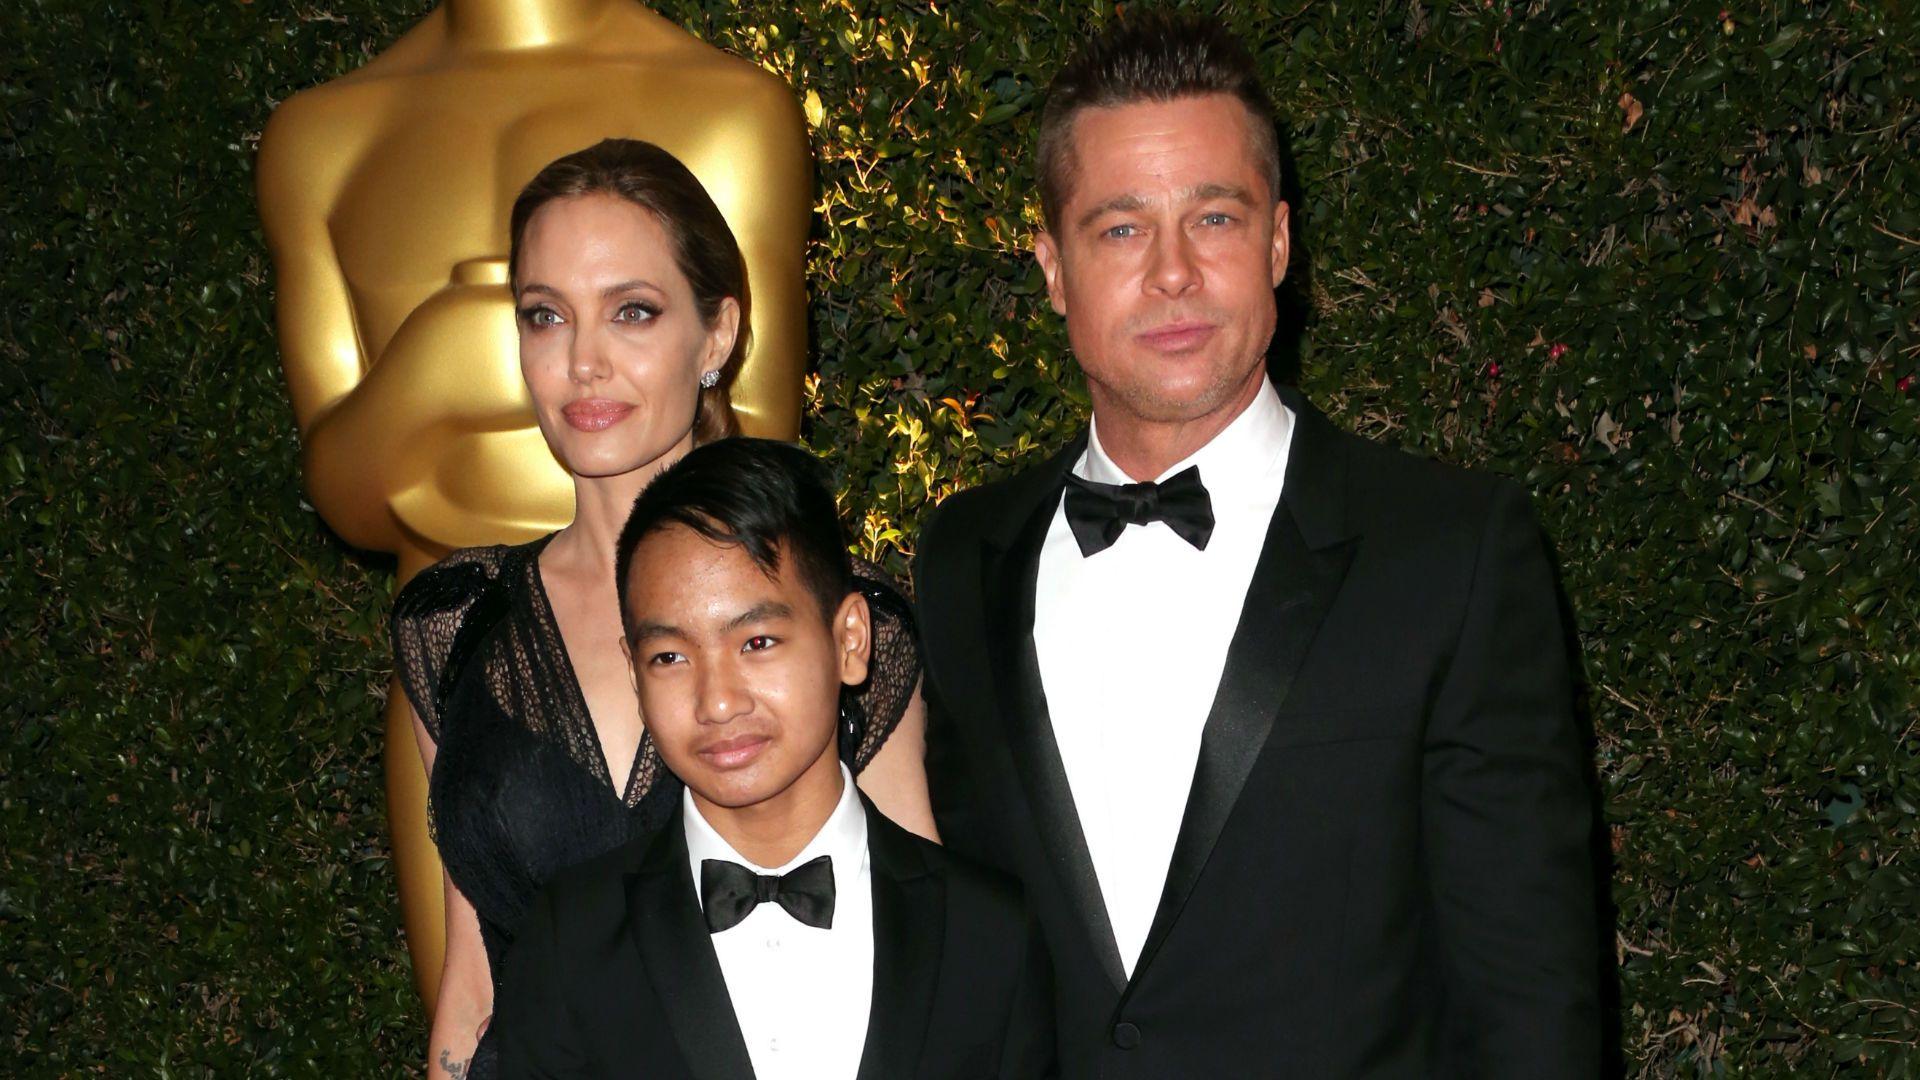 El hijo de Brad Pitt habla sobre como es su relación con su padre